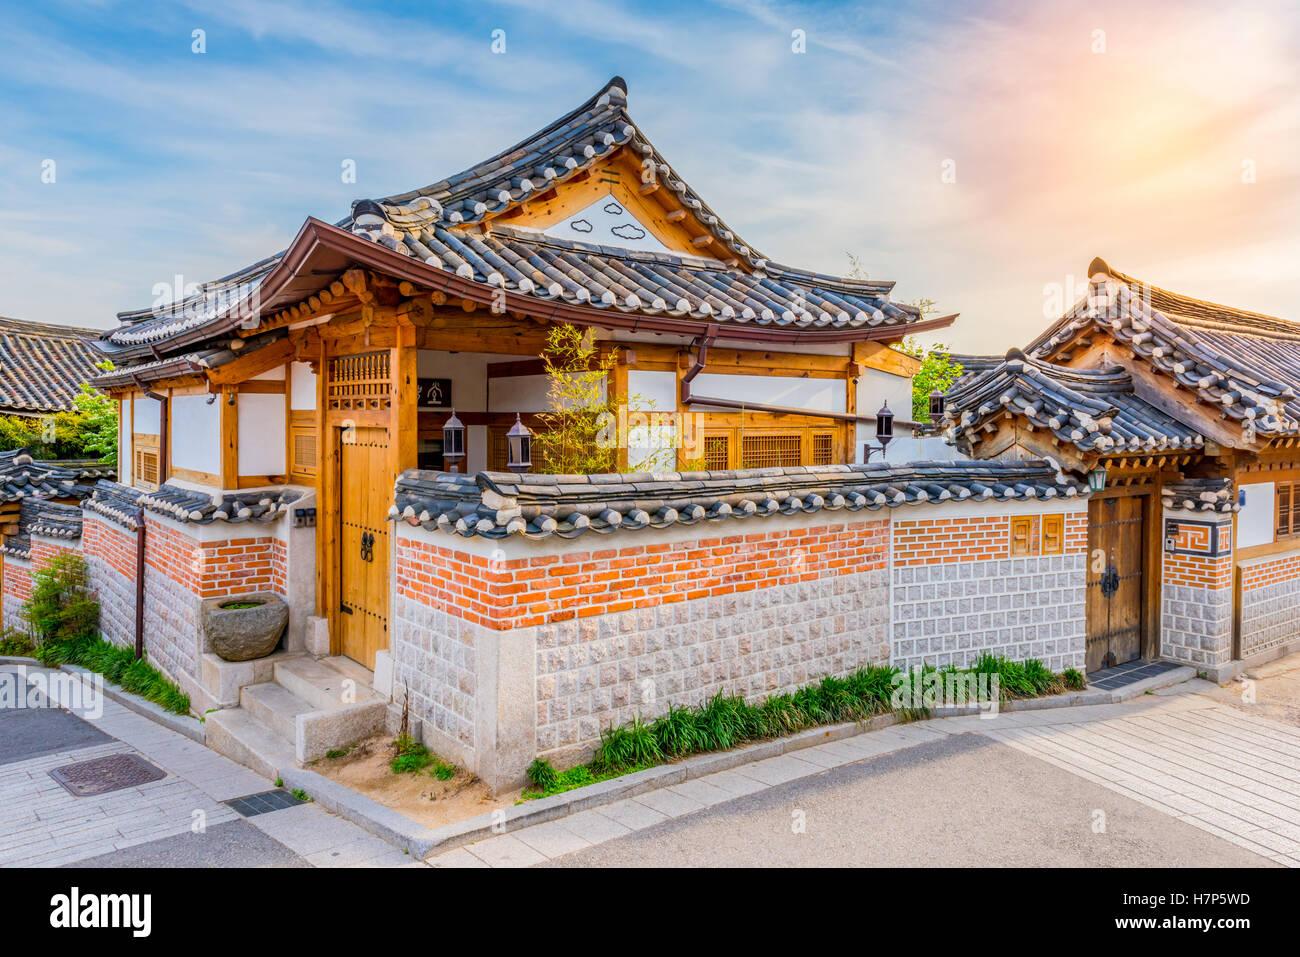 Il villaggio di Bukchon Hanok a Seul, in Corea del Sud. Immagini Stock